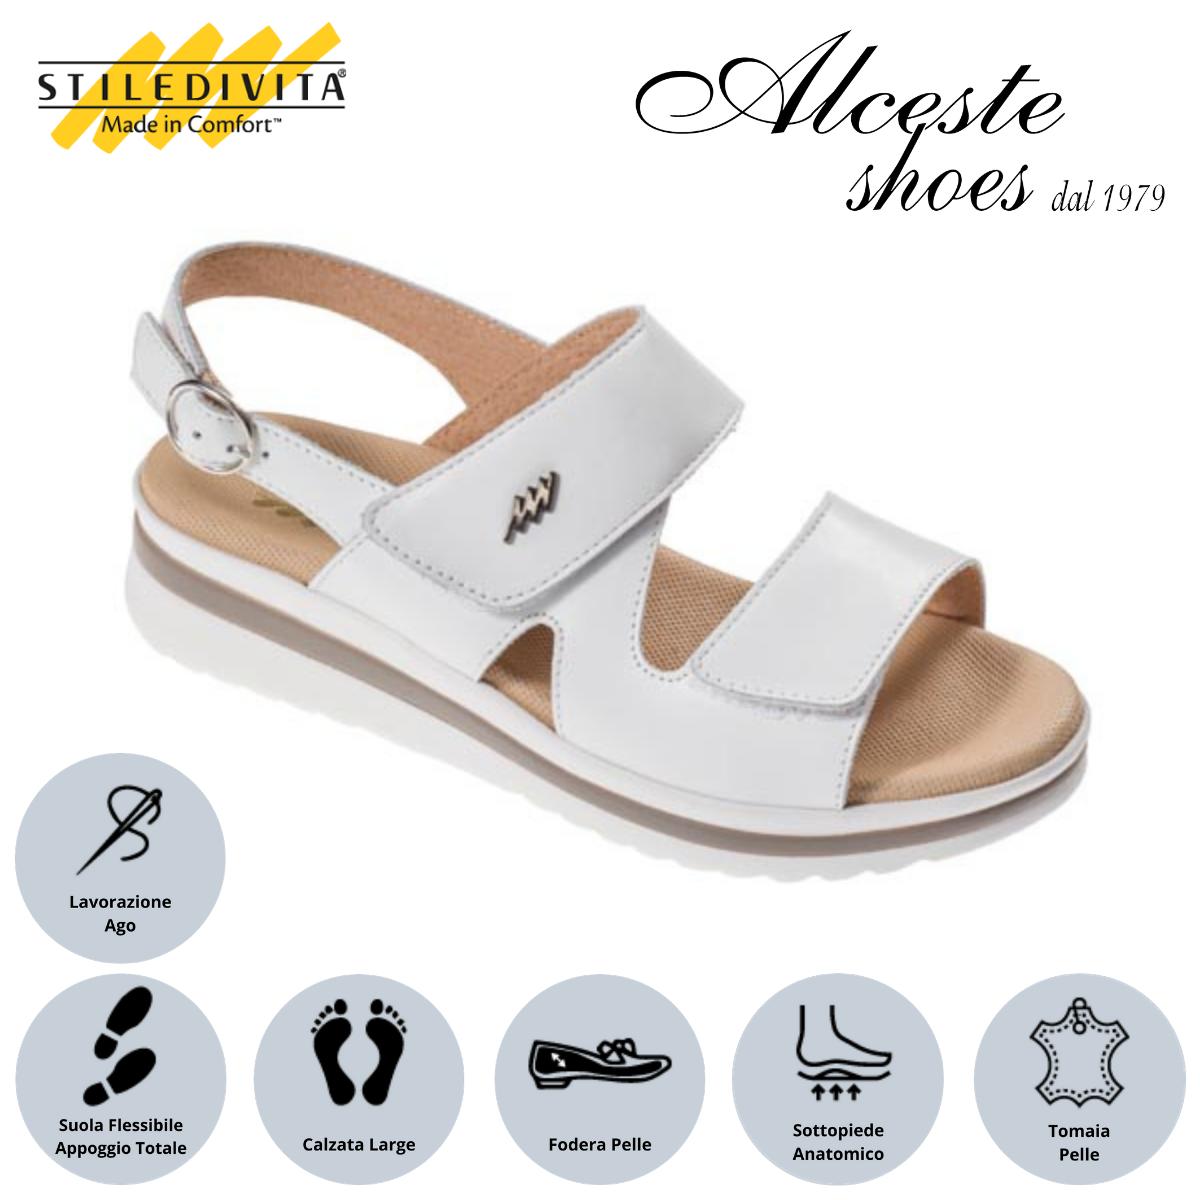 Sandalo con Strappi Stiledivita Art. 8399 Pelle Bianco Alceste Shoes 12